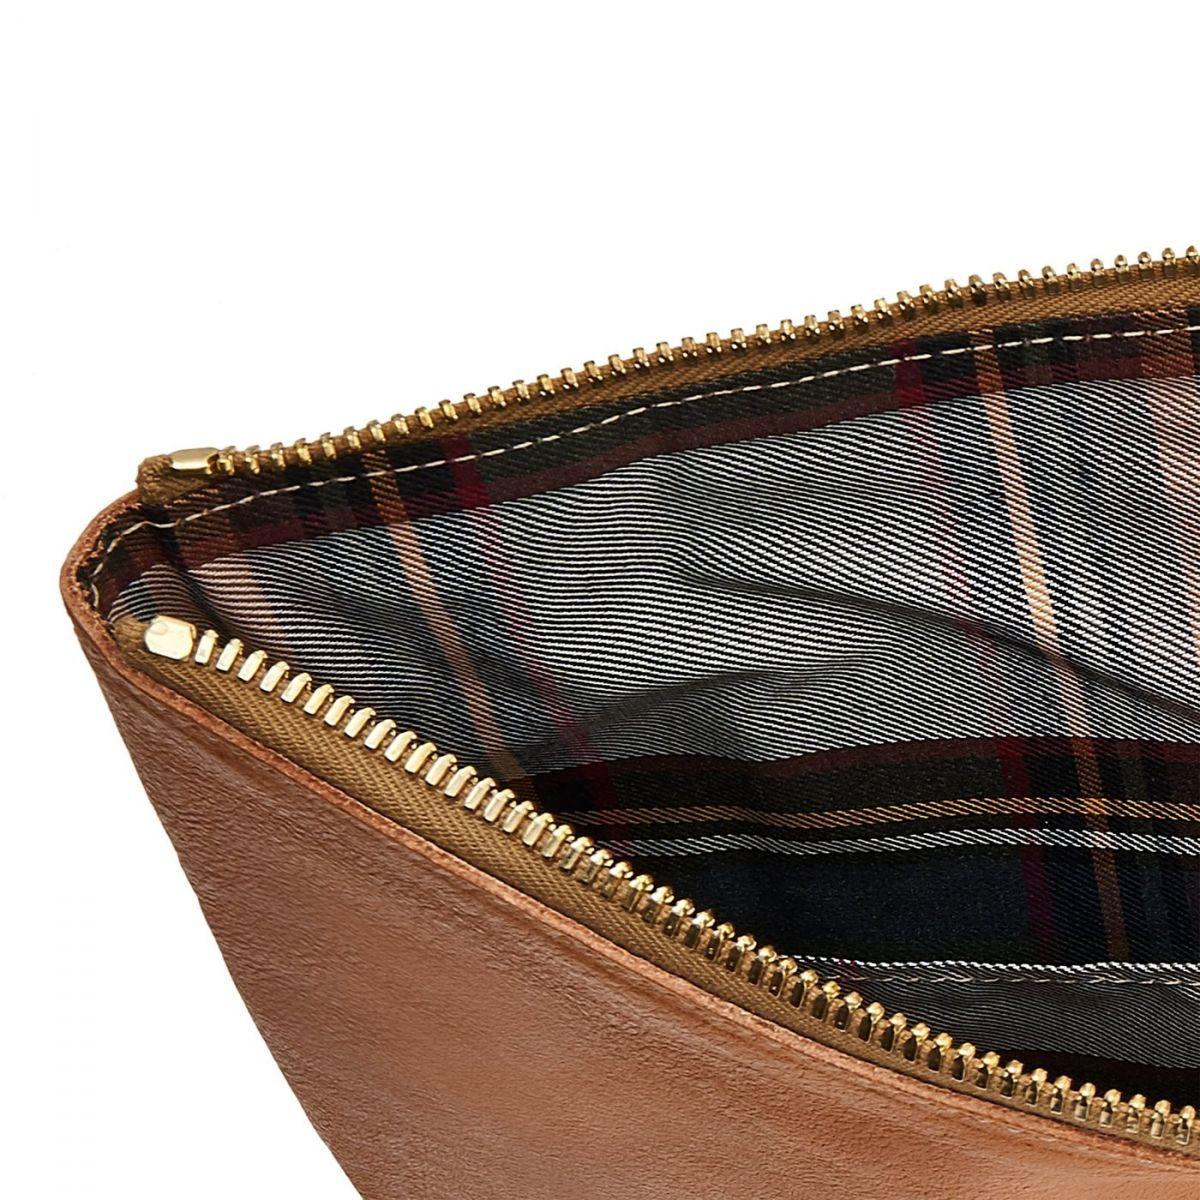 Portfolio in Vintage Cowhide Leather color Natural - OSL002 | Details